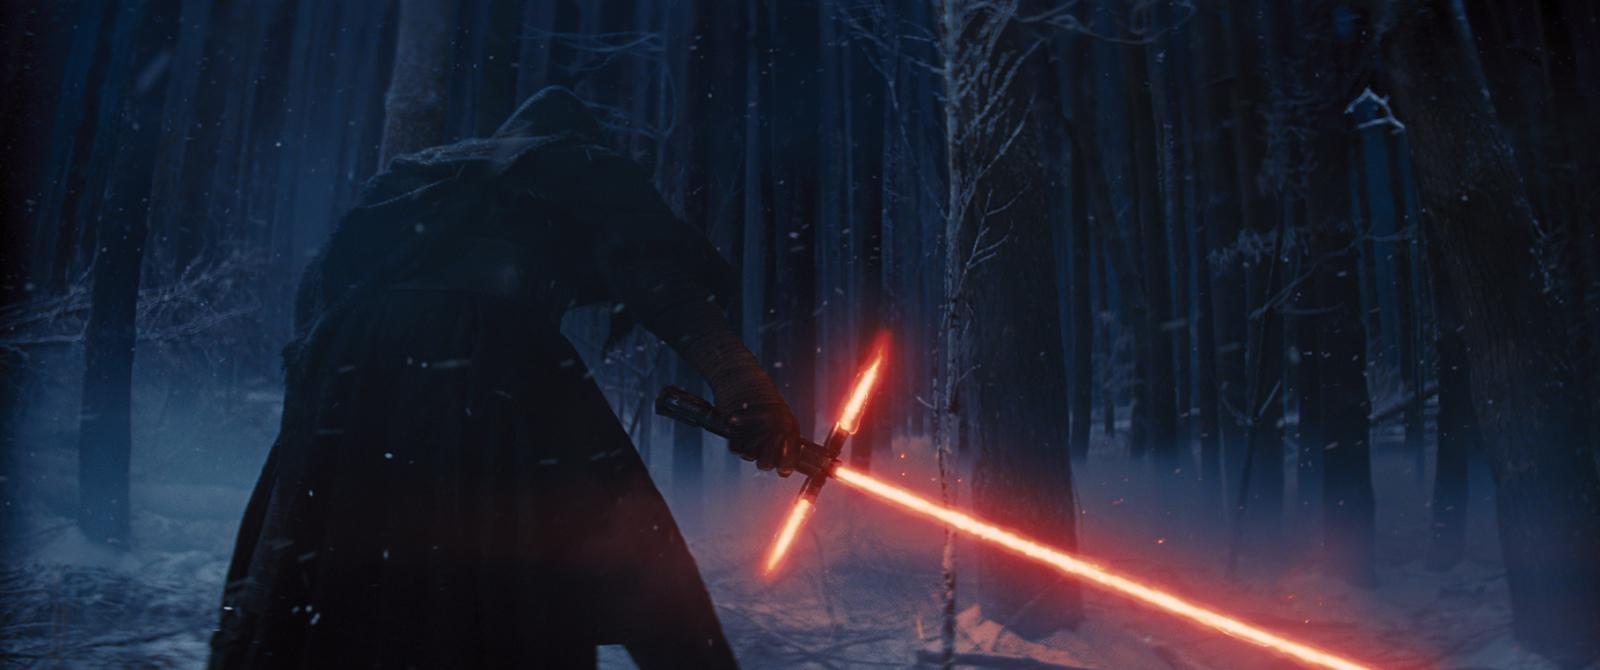 """""""Star Wars: Episode VII - Das Erwachen der Macht""""  läuft ab dem 17. Dezember 2015 im Kino an."""